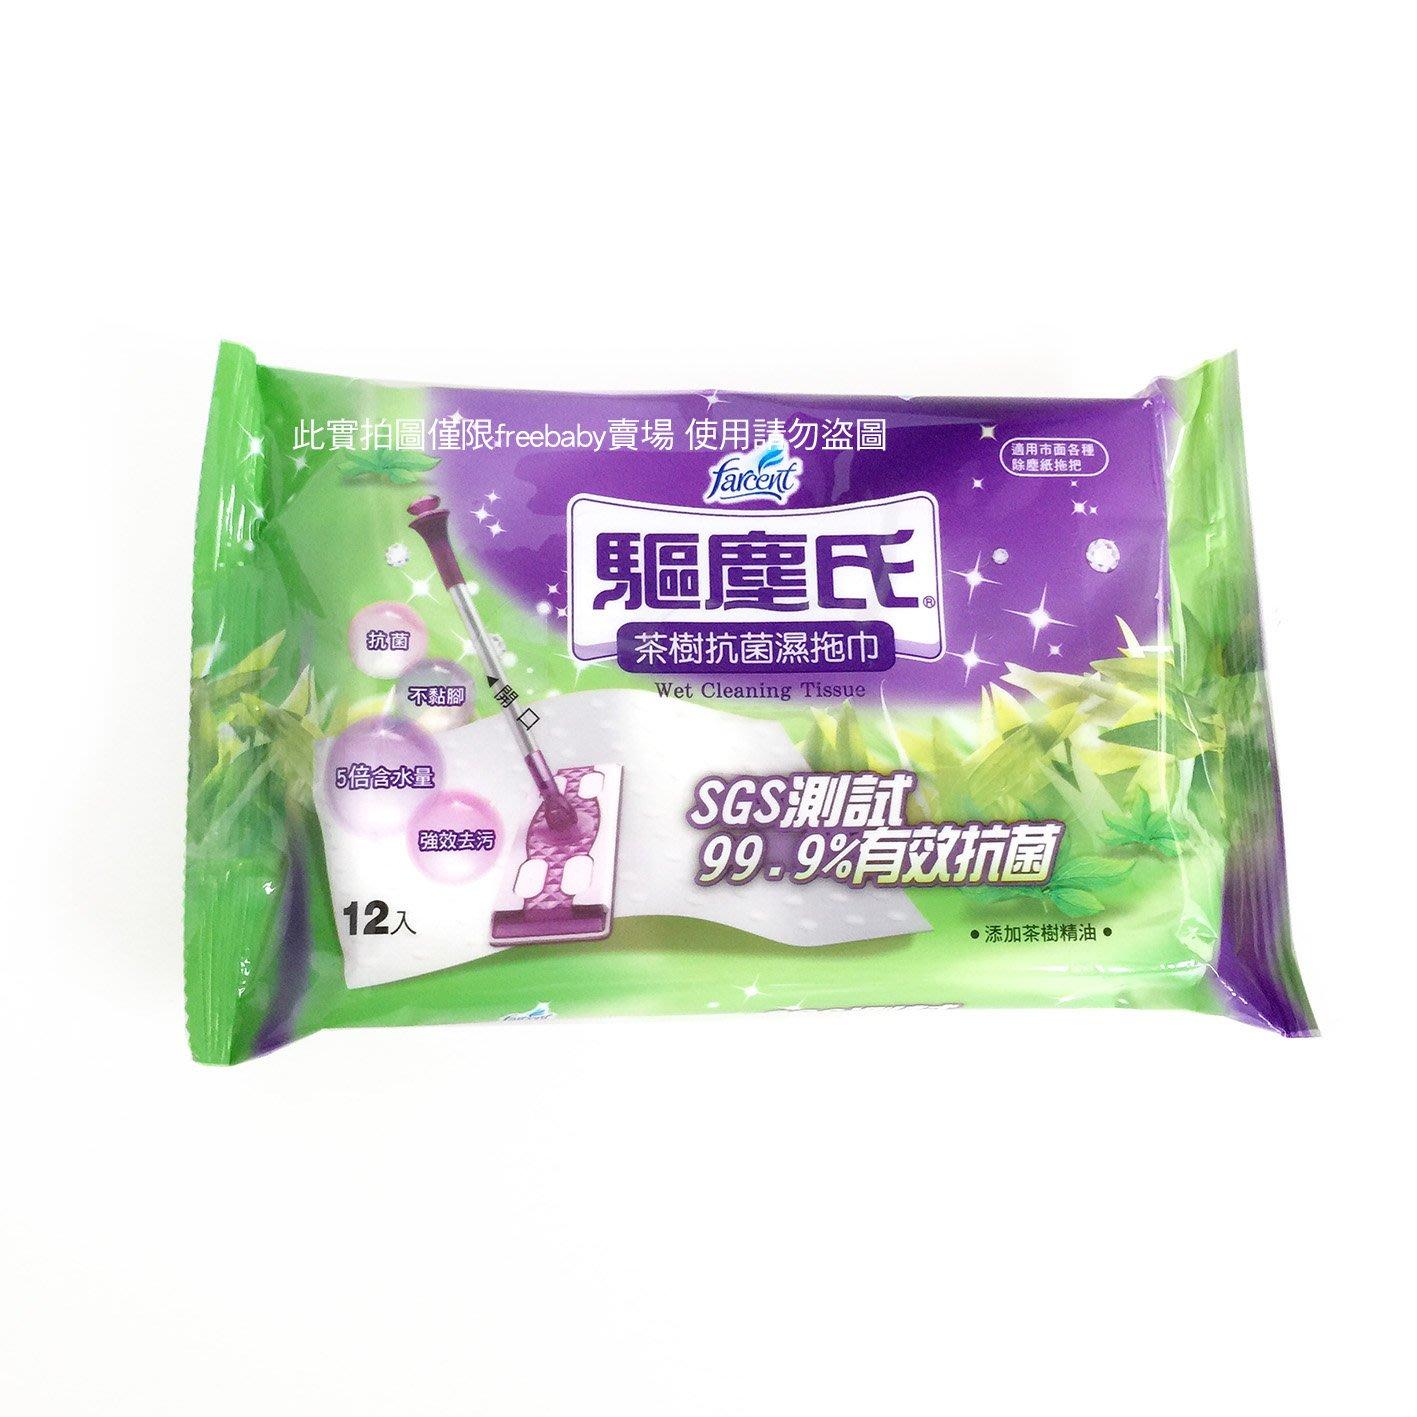 驅塵氏 抗菌濕拖巾 茶樹潔淨配方(12張/包)